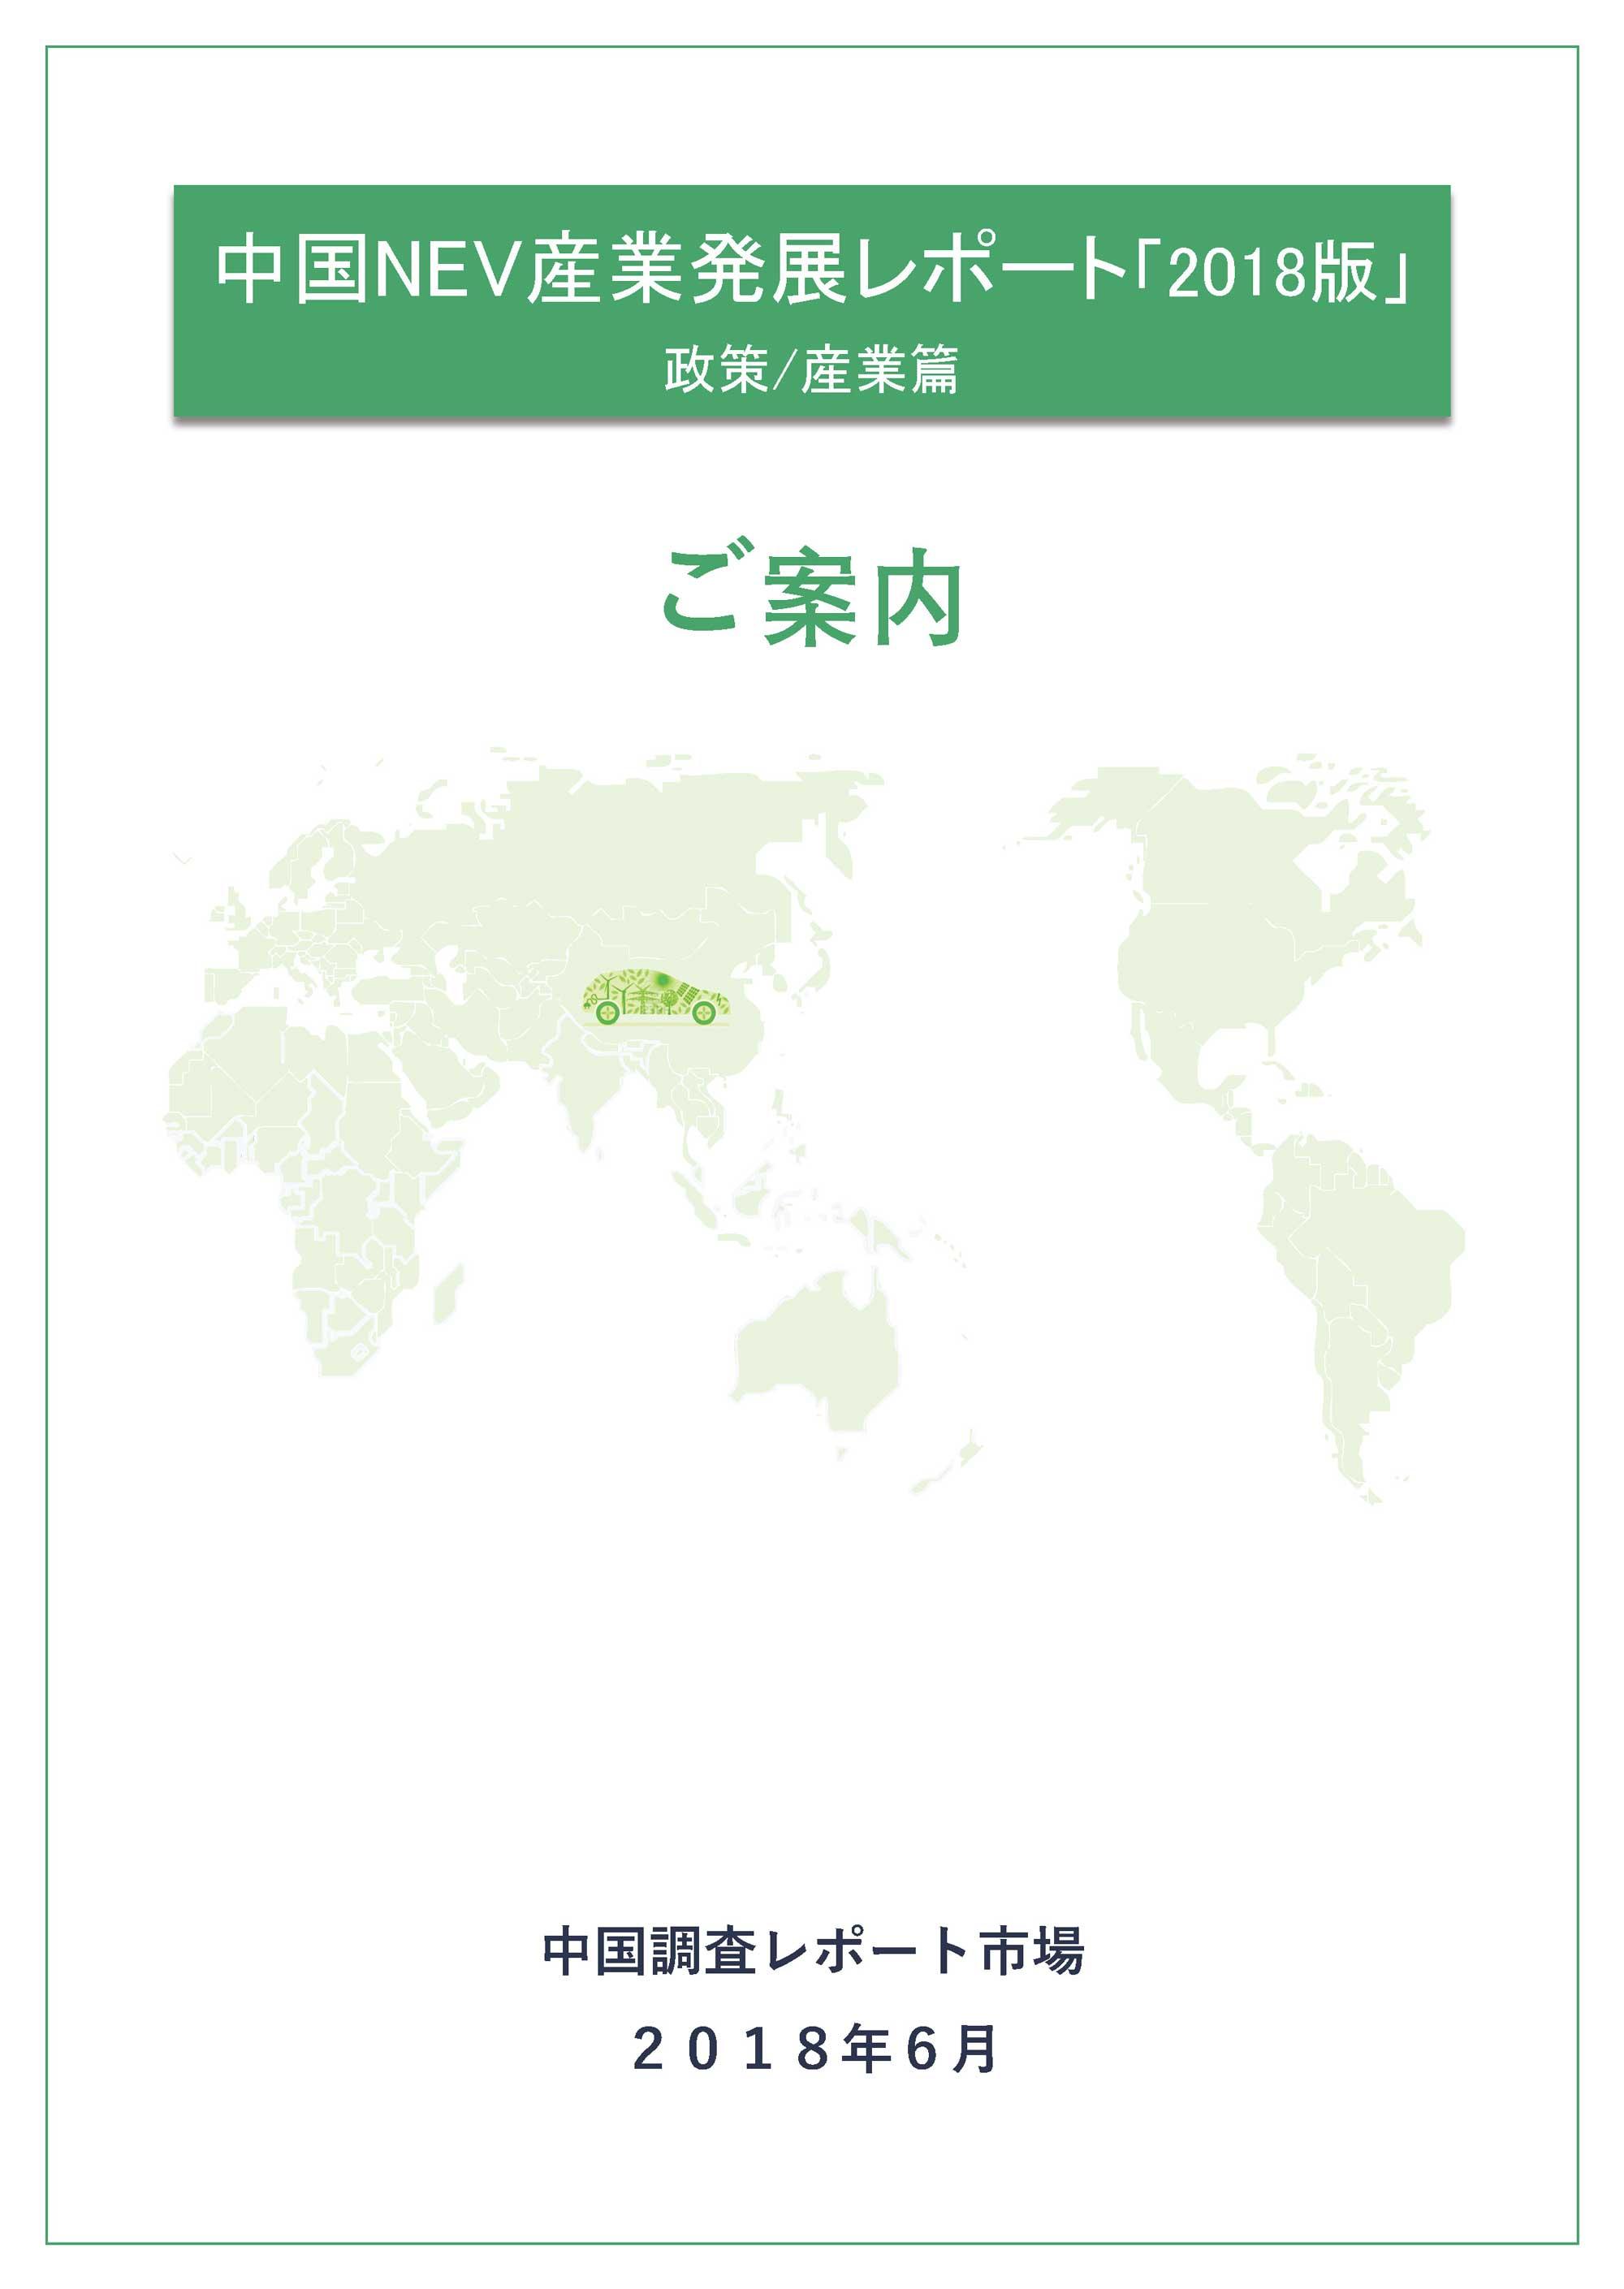 中国NEV産業発展レポート2018版 政策/産業篇 ご案内